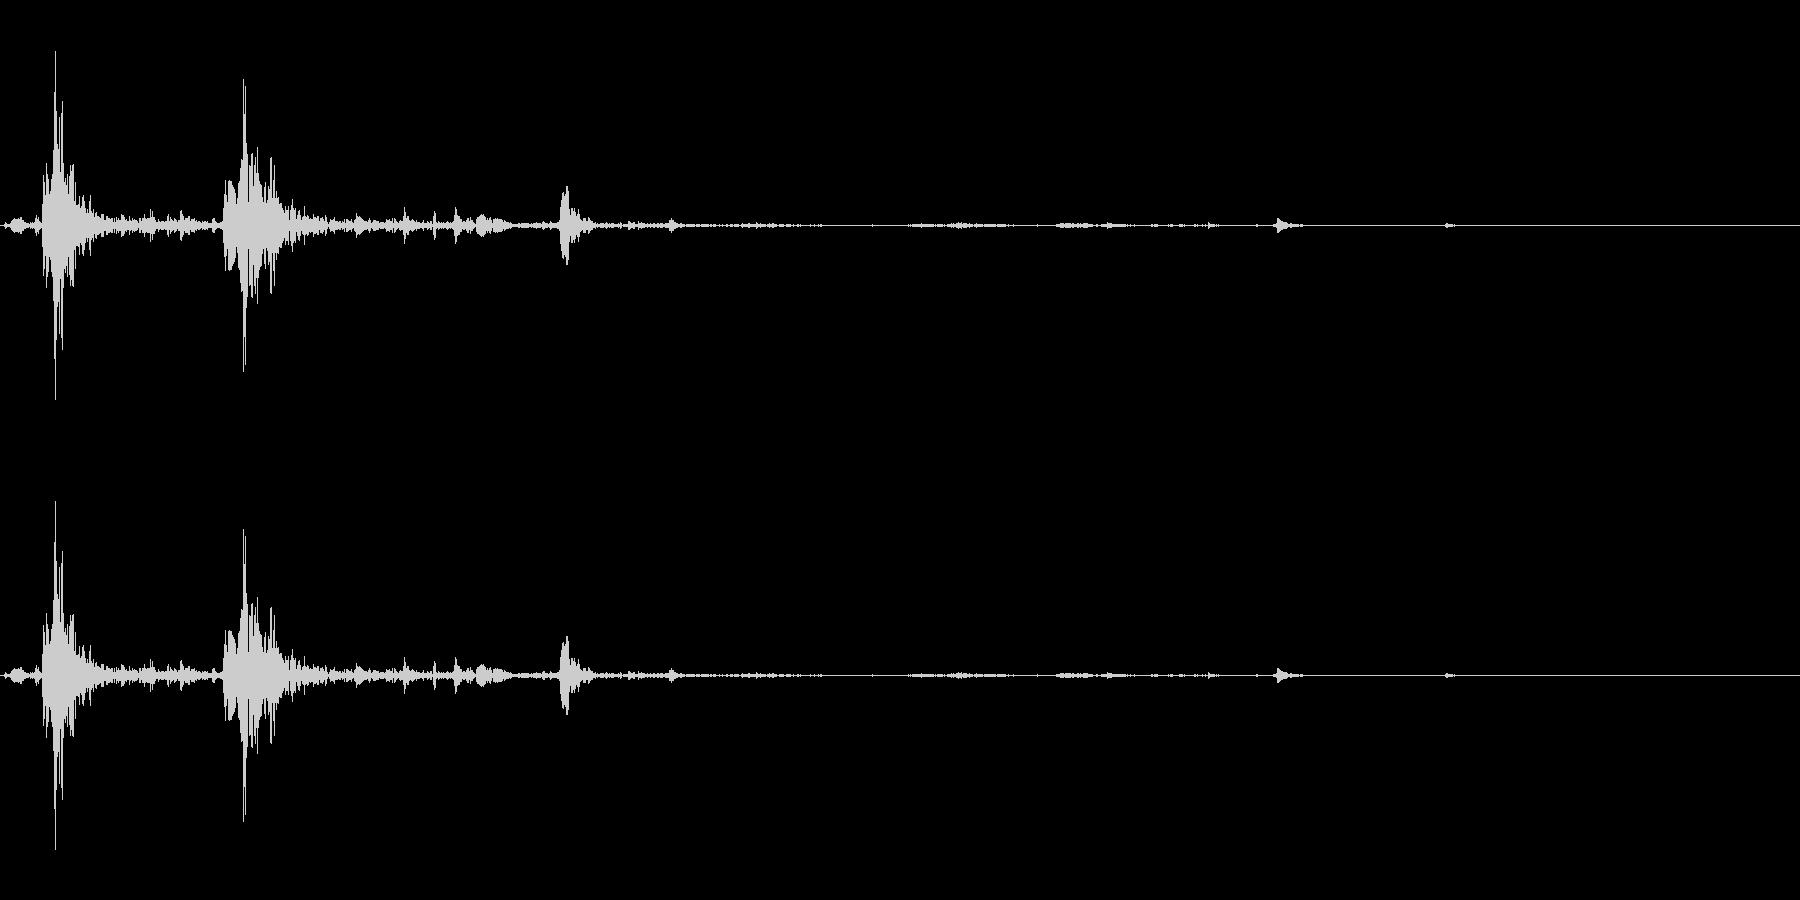 ぺちゃ(足音/モンスター/水生動物)の未再生の波形